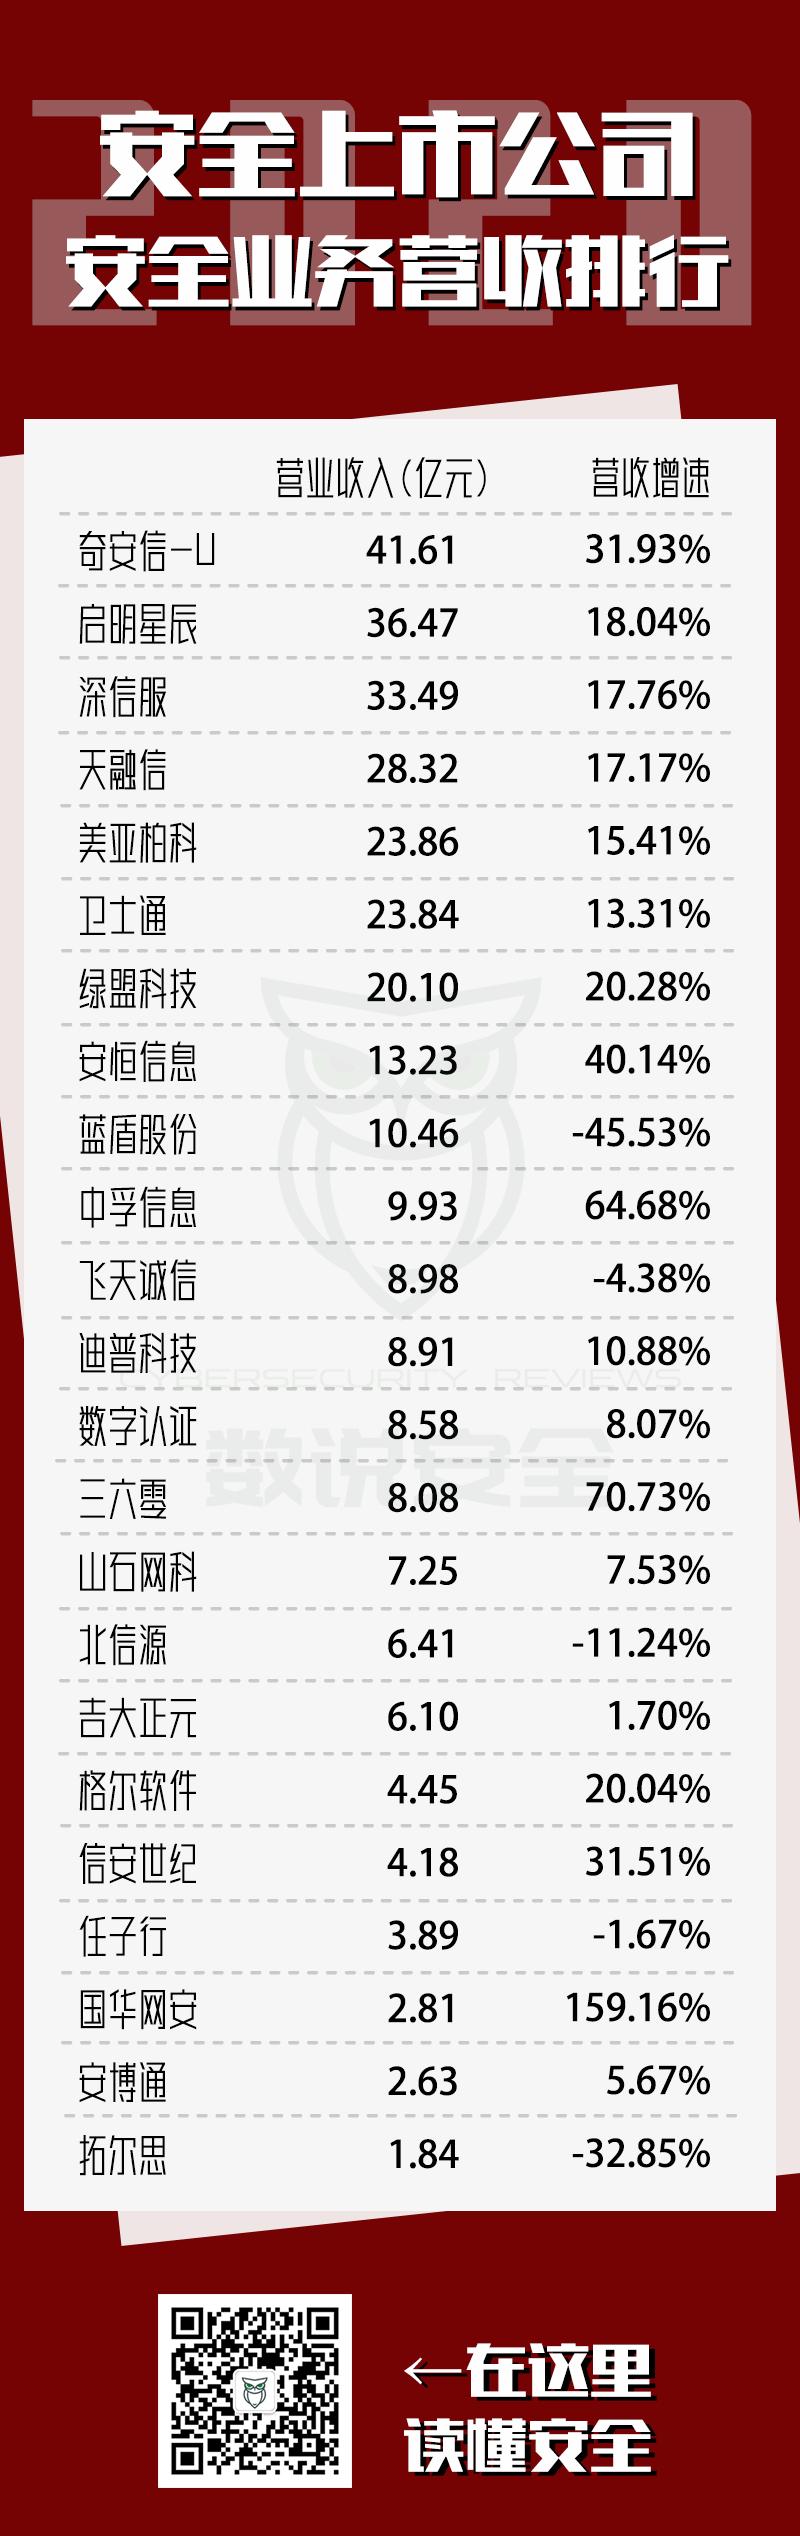 中国上市网络安全公司2020年营收、毛利排行